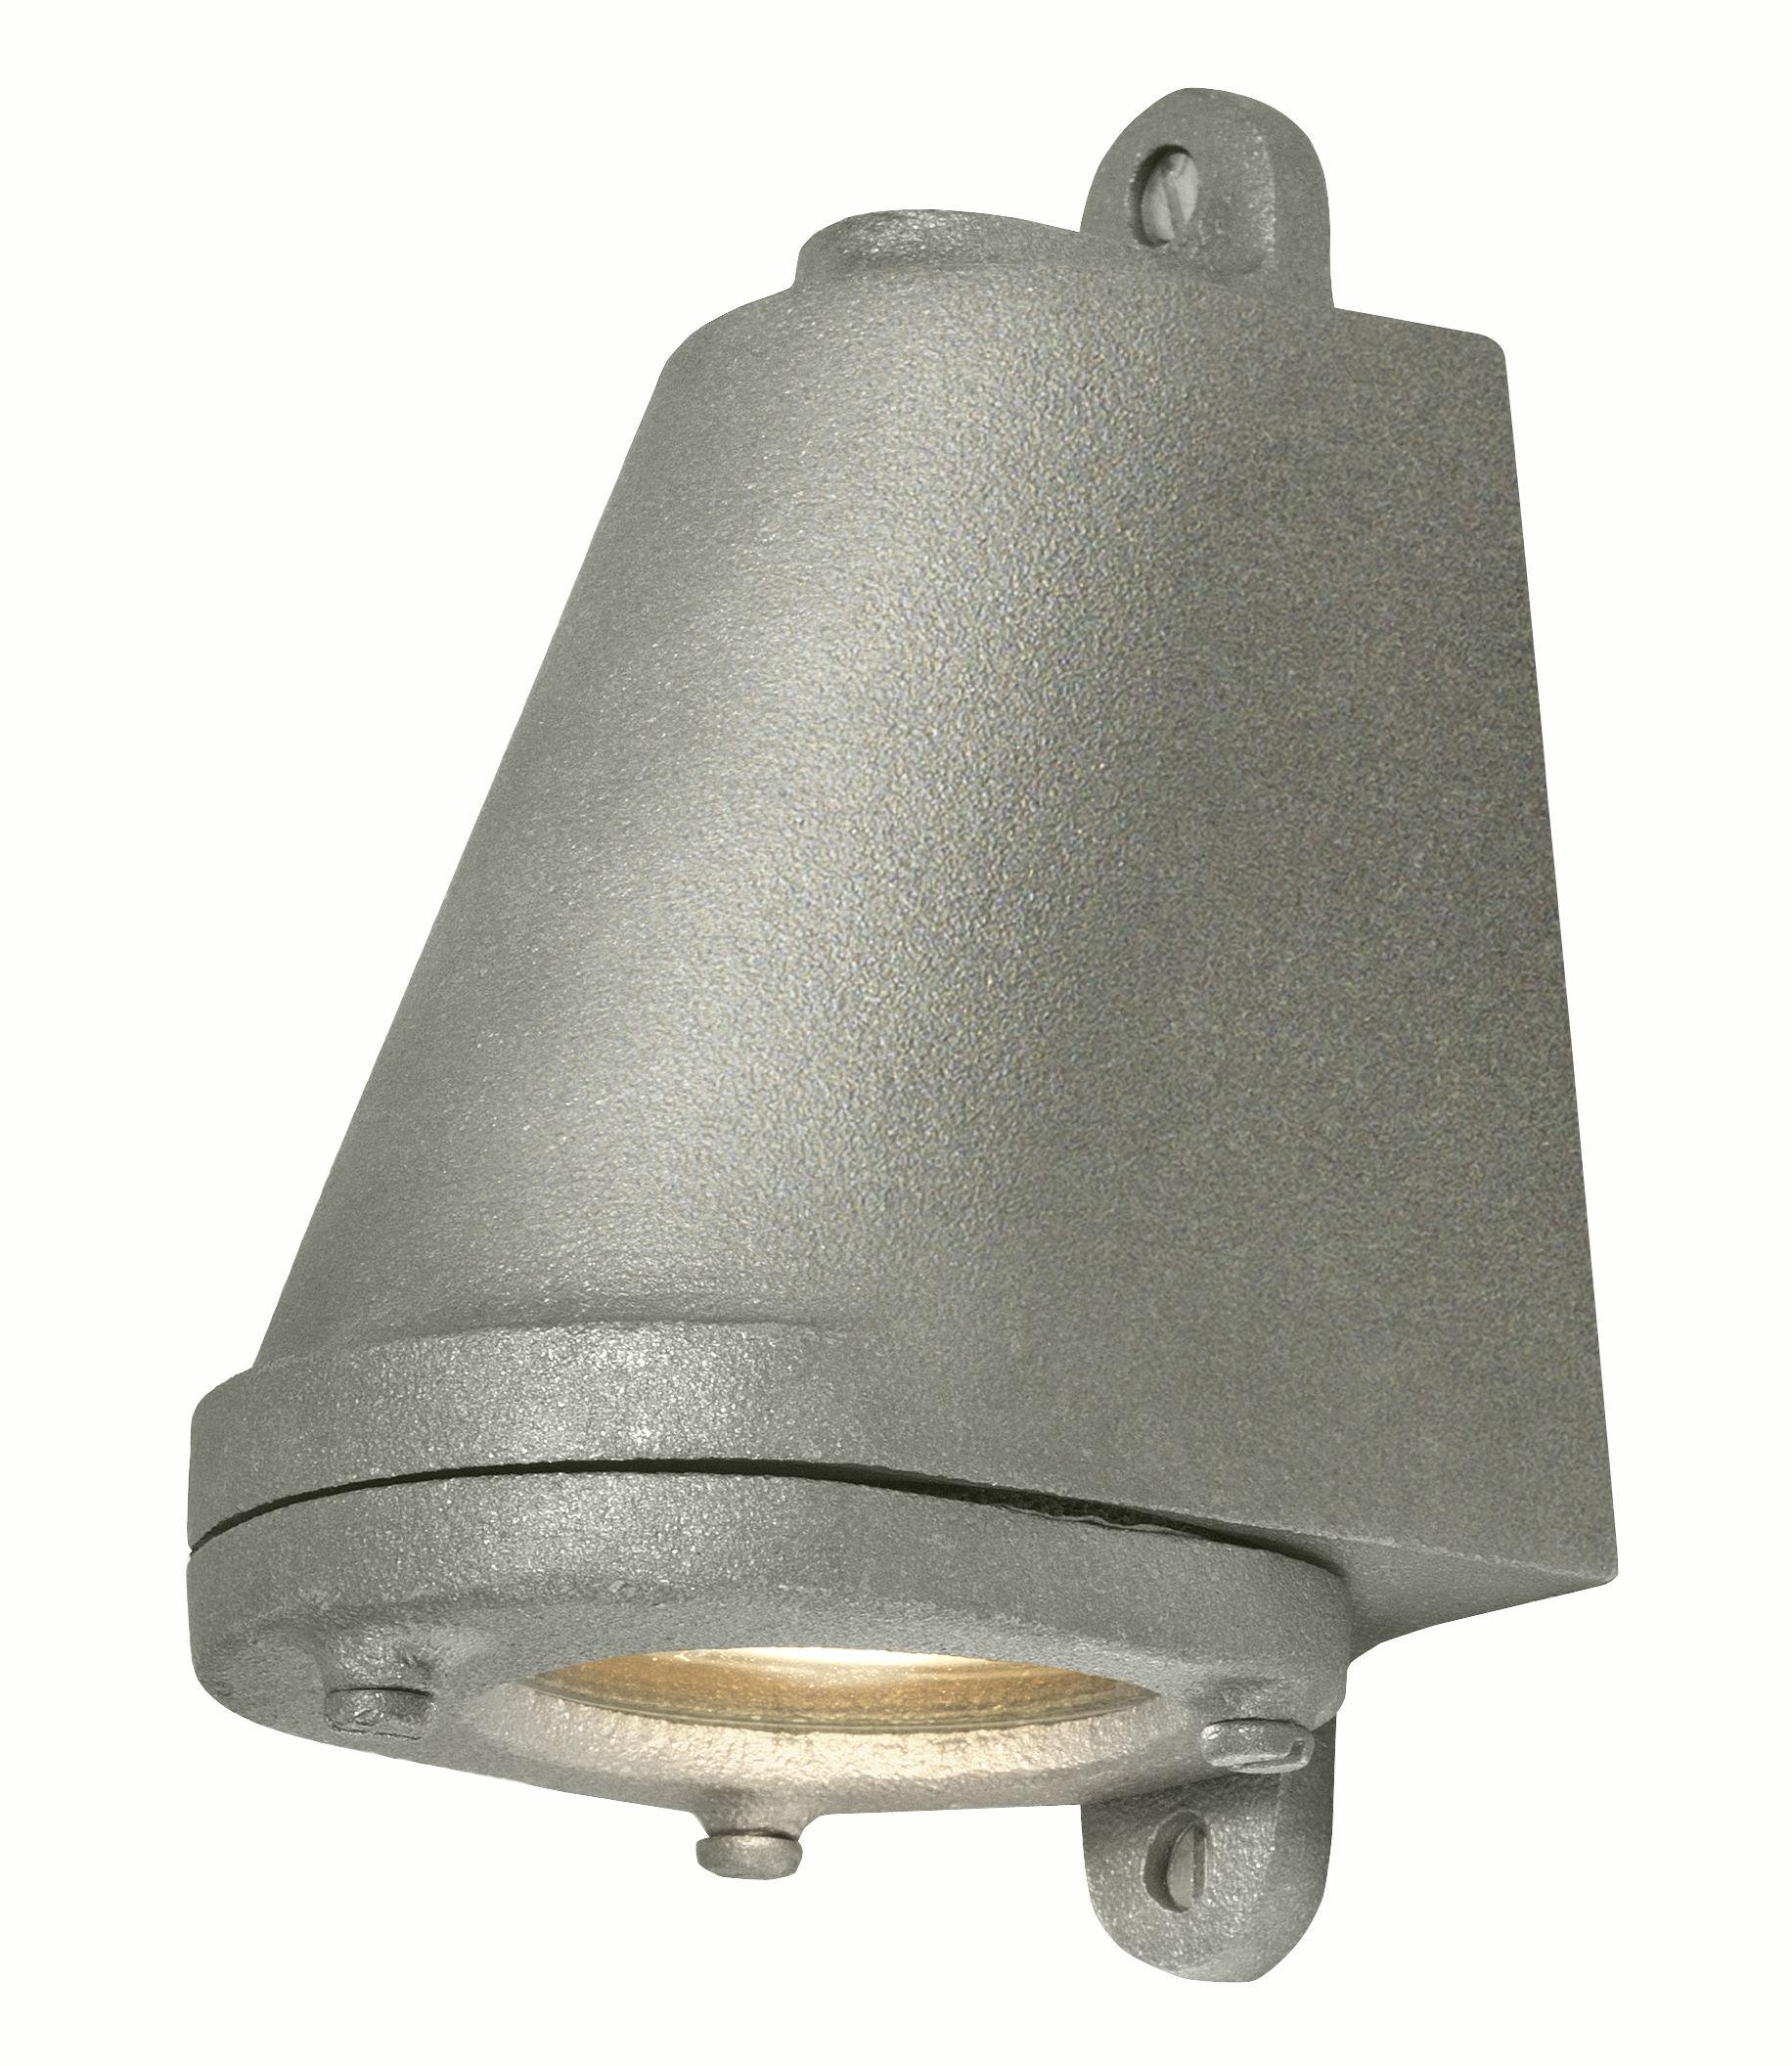 Luminaire - Appliques - Applique d'extérieur Mast Light LED / H 14 cm - Original BTC - Aluminium brut vieilli - Aluminium anodisé